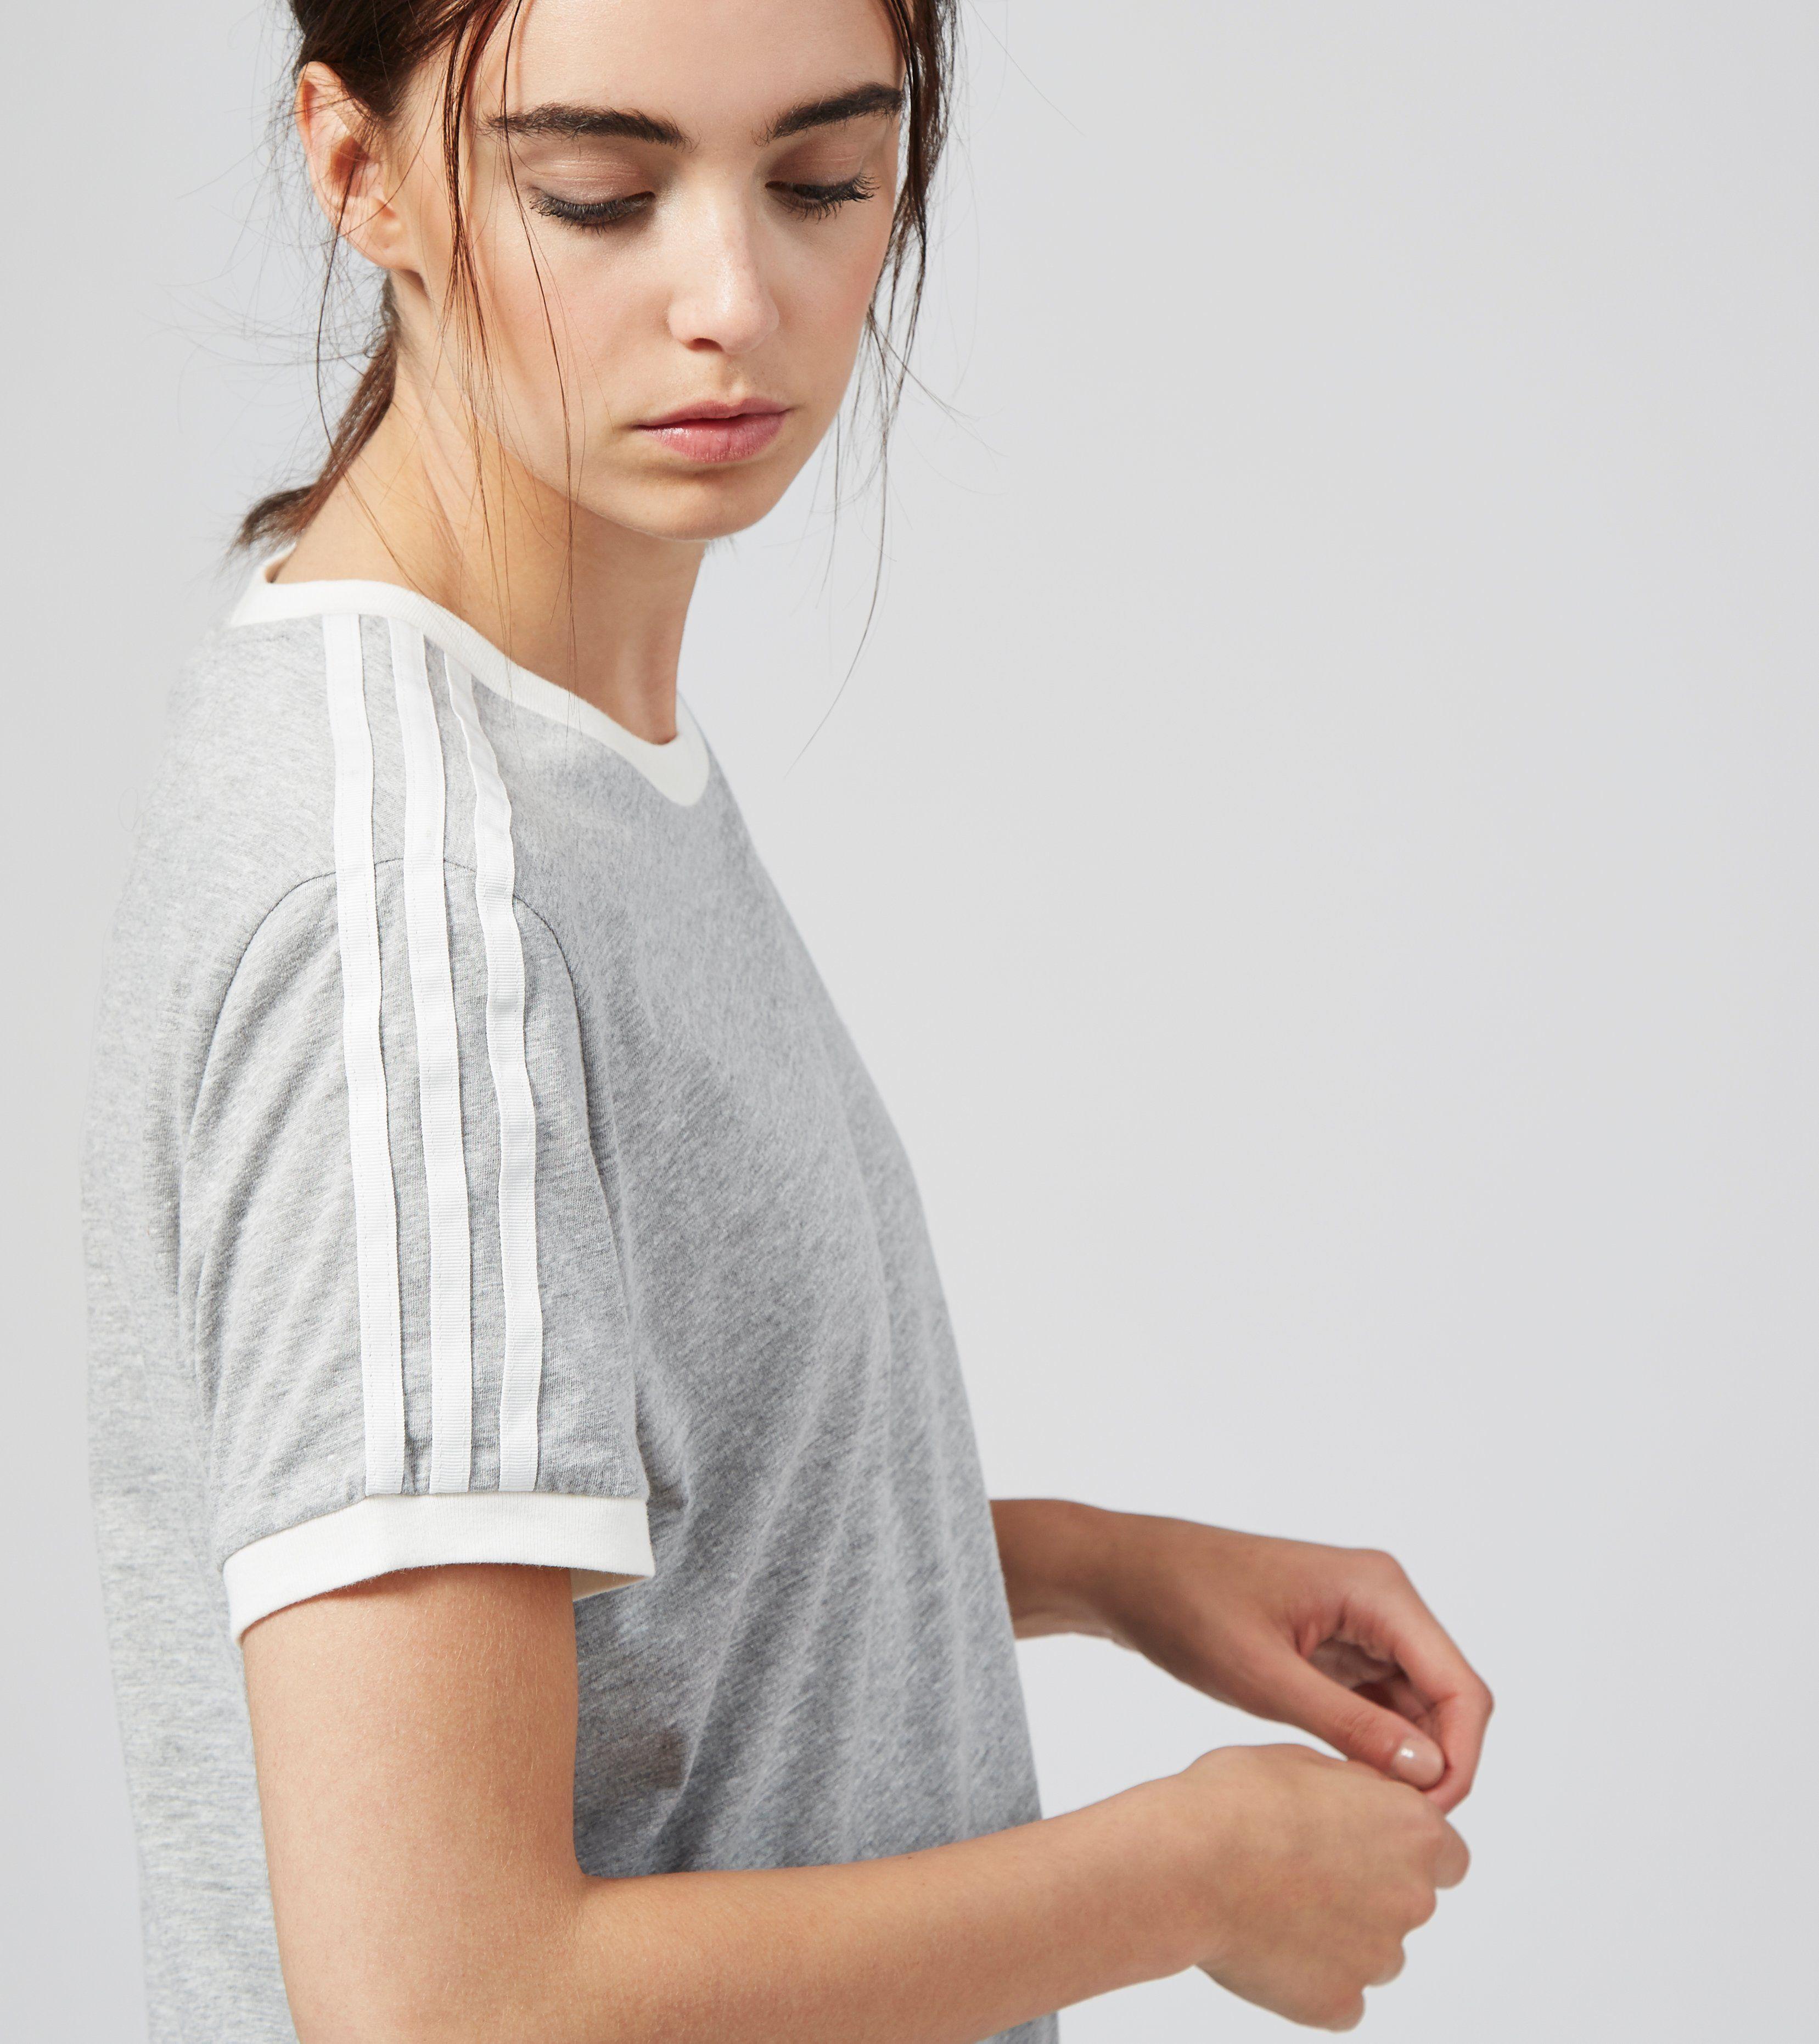 adidas Originals 3 Stripes T-Shirt